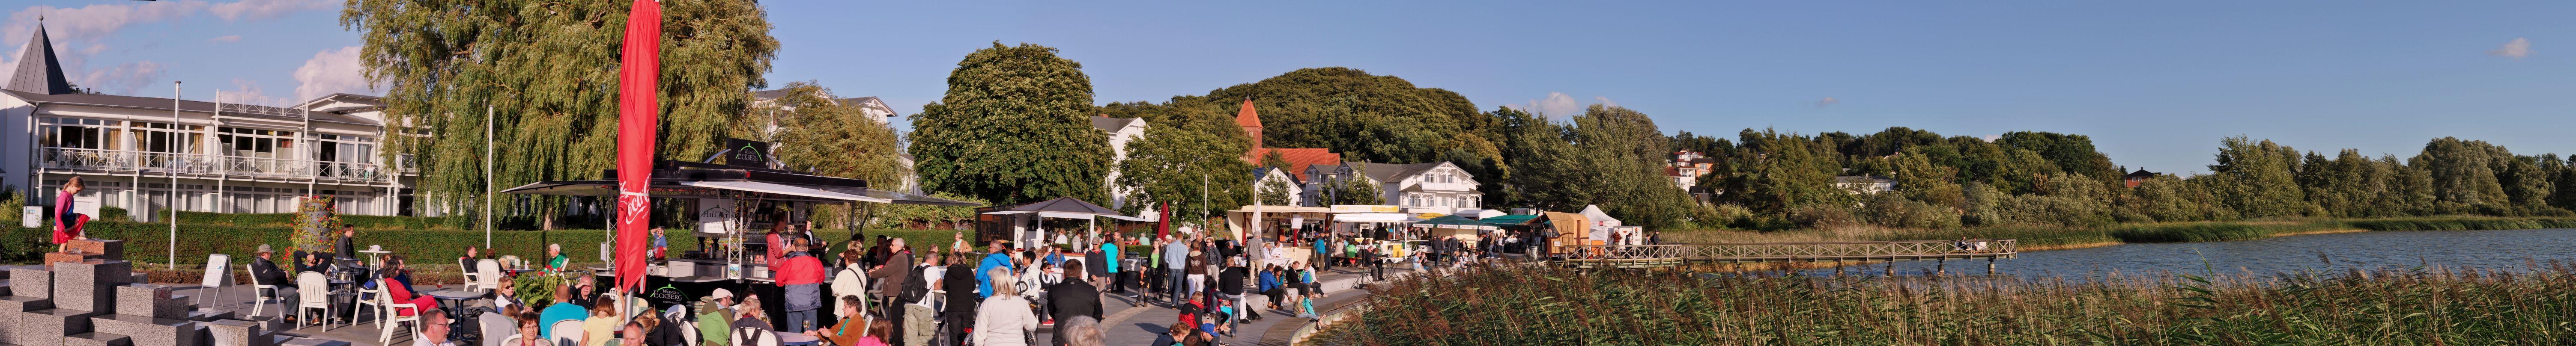 Noch bis zum 20. August 2013 findet an der Promenade am Schmachtensee das Weinfest Binz statt! Hier präsentieren Winzer aus ganz Deutschland ihre Weine und kulinarische Leckerbissen. Für ein kulturelles Programm wird jeden Abend von 19 - 22 Uhr auf der Bühne gesorgt...  Vorbeischauen lohnt sich!